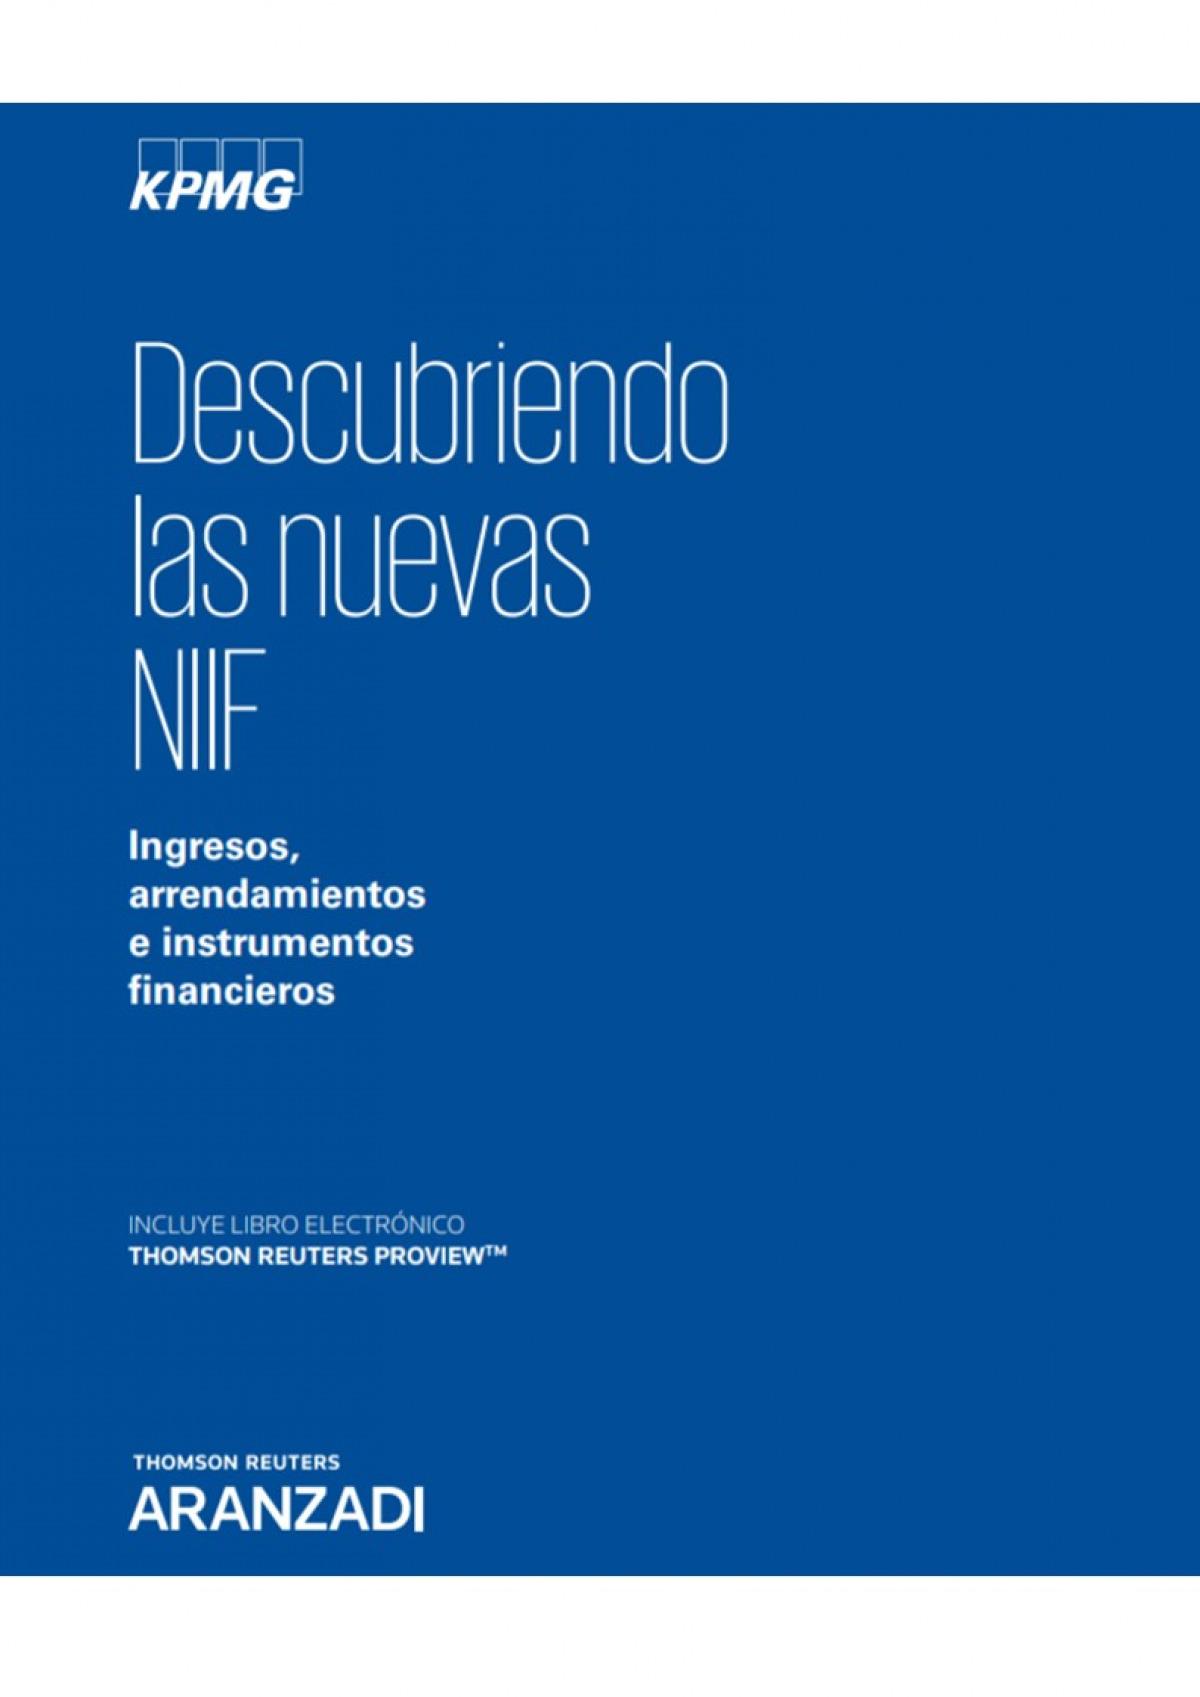 Descubriendo las nuevas NIIF 9788413451558